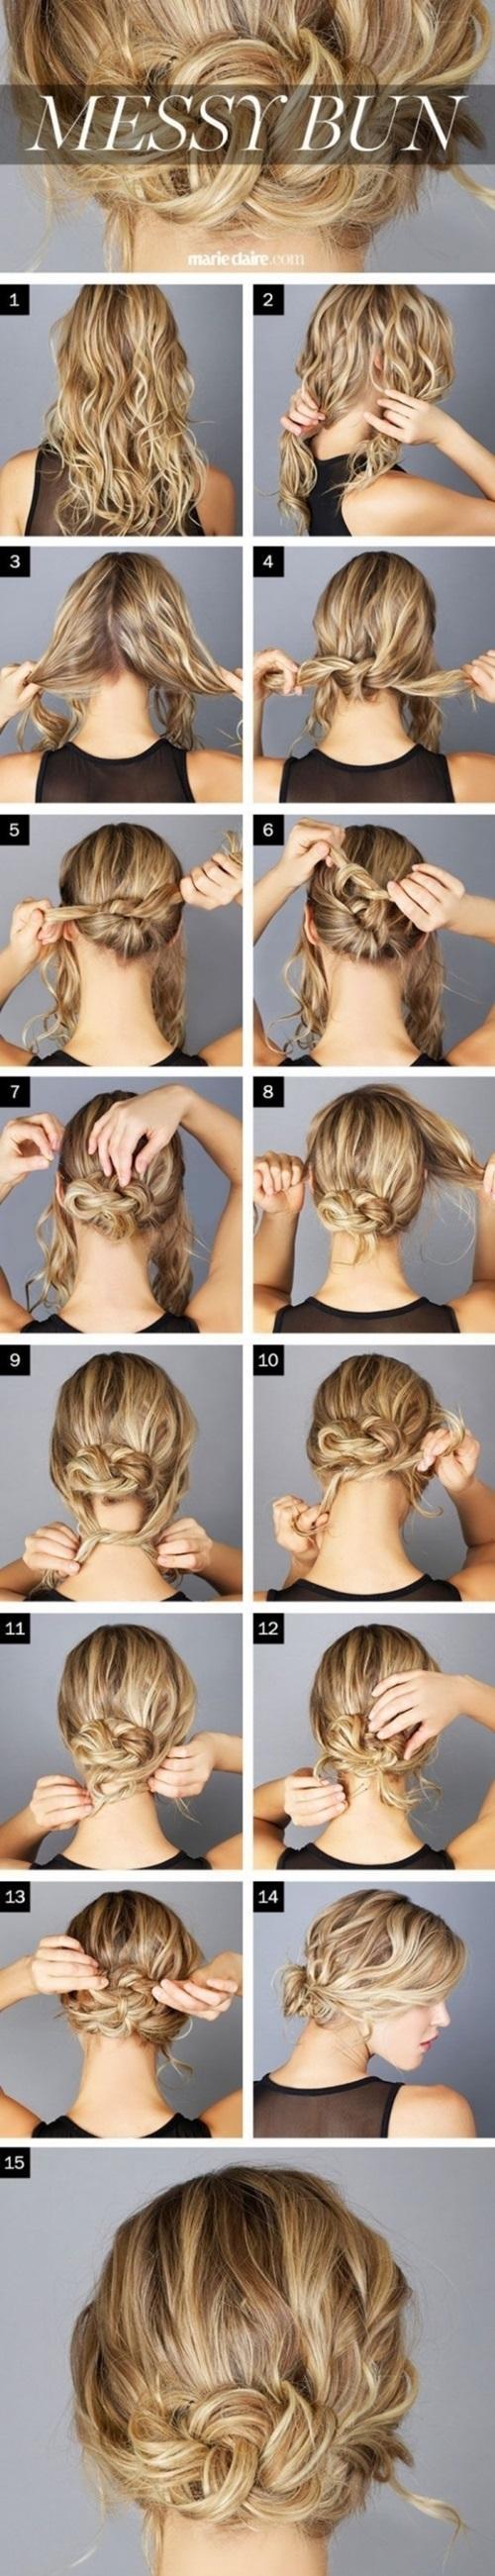 Hướng dẫn cách làm những kiểu tóc búi giản dị cực dễ thương chống nóng hè hiệu quả phần 5